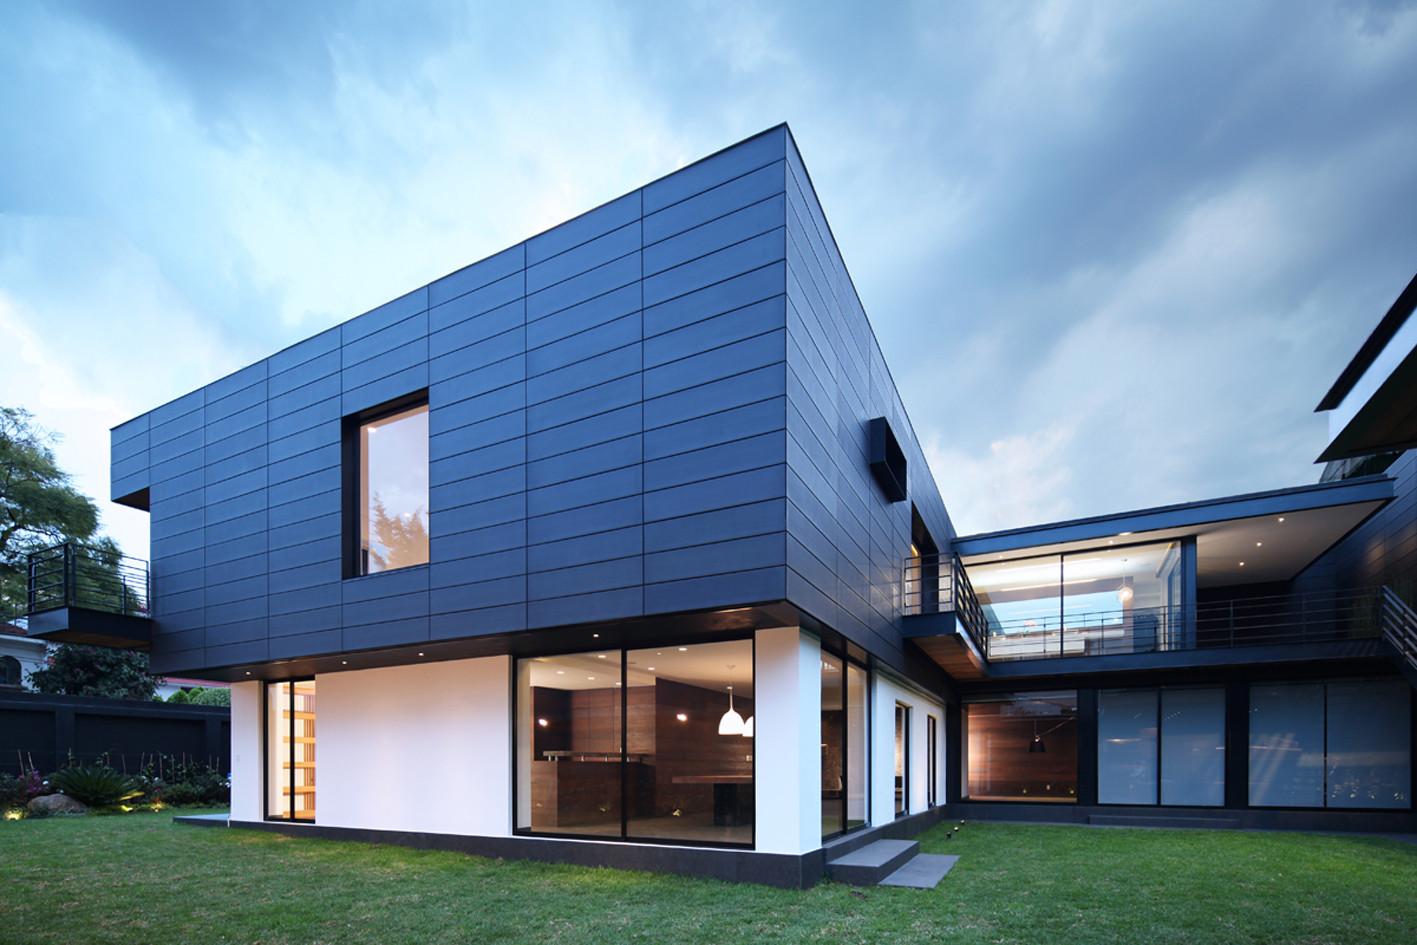 Inspiring Modern House Exterior Materials Ideas - Best Ideas ...